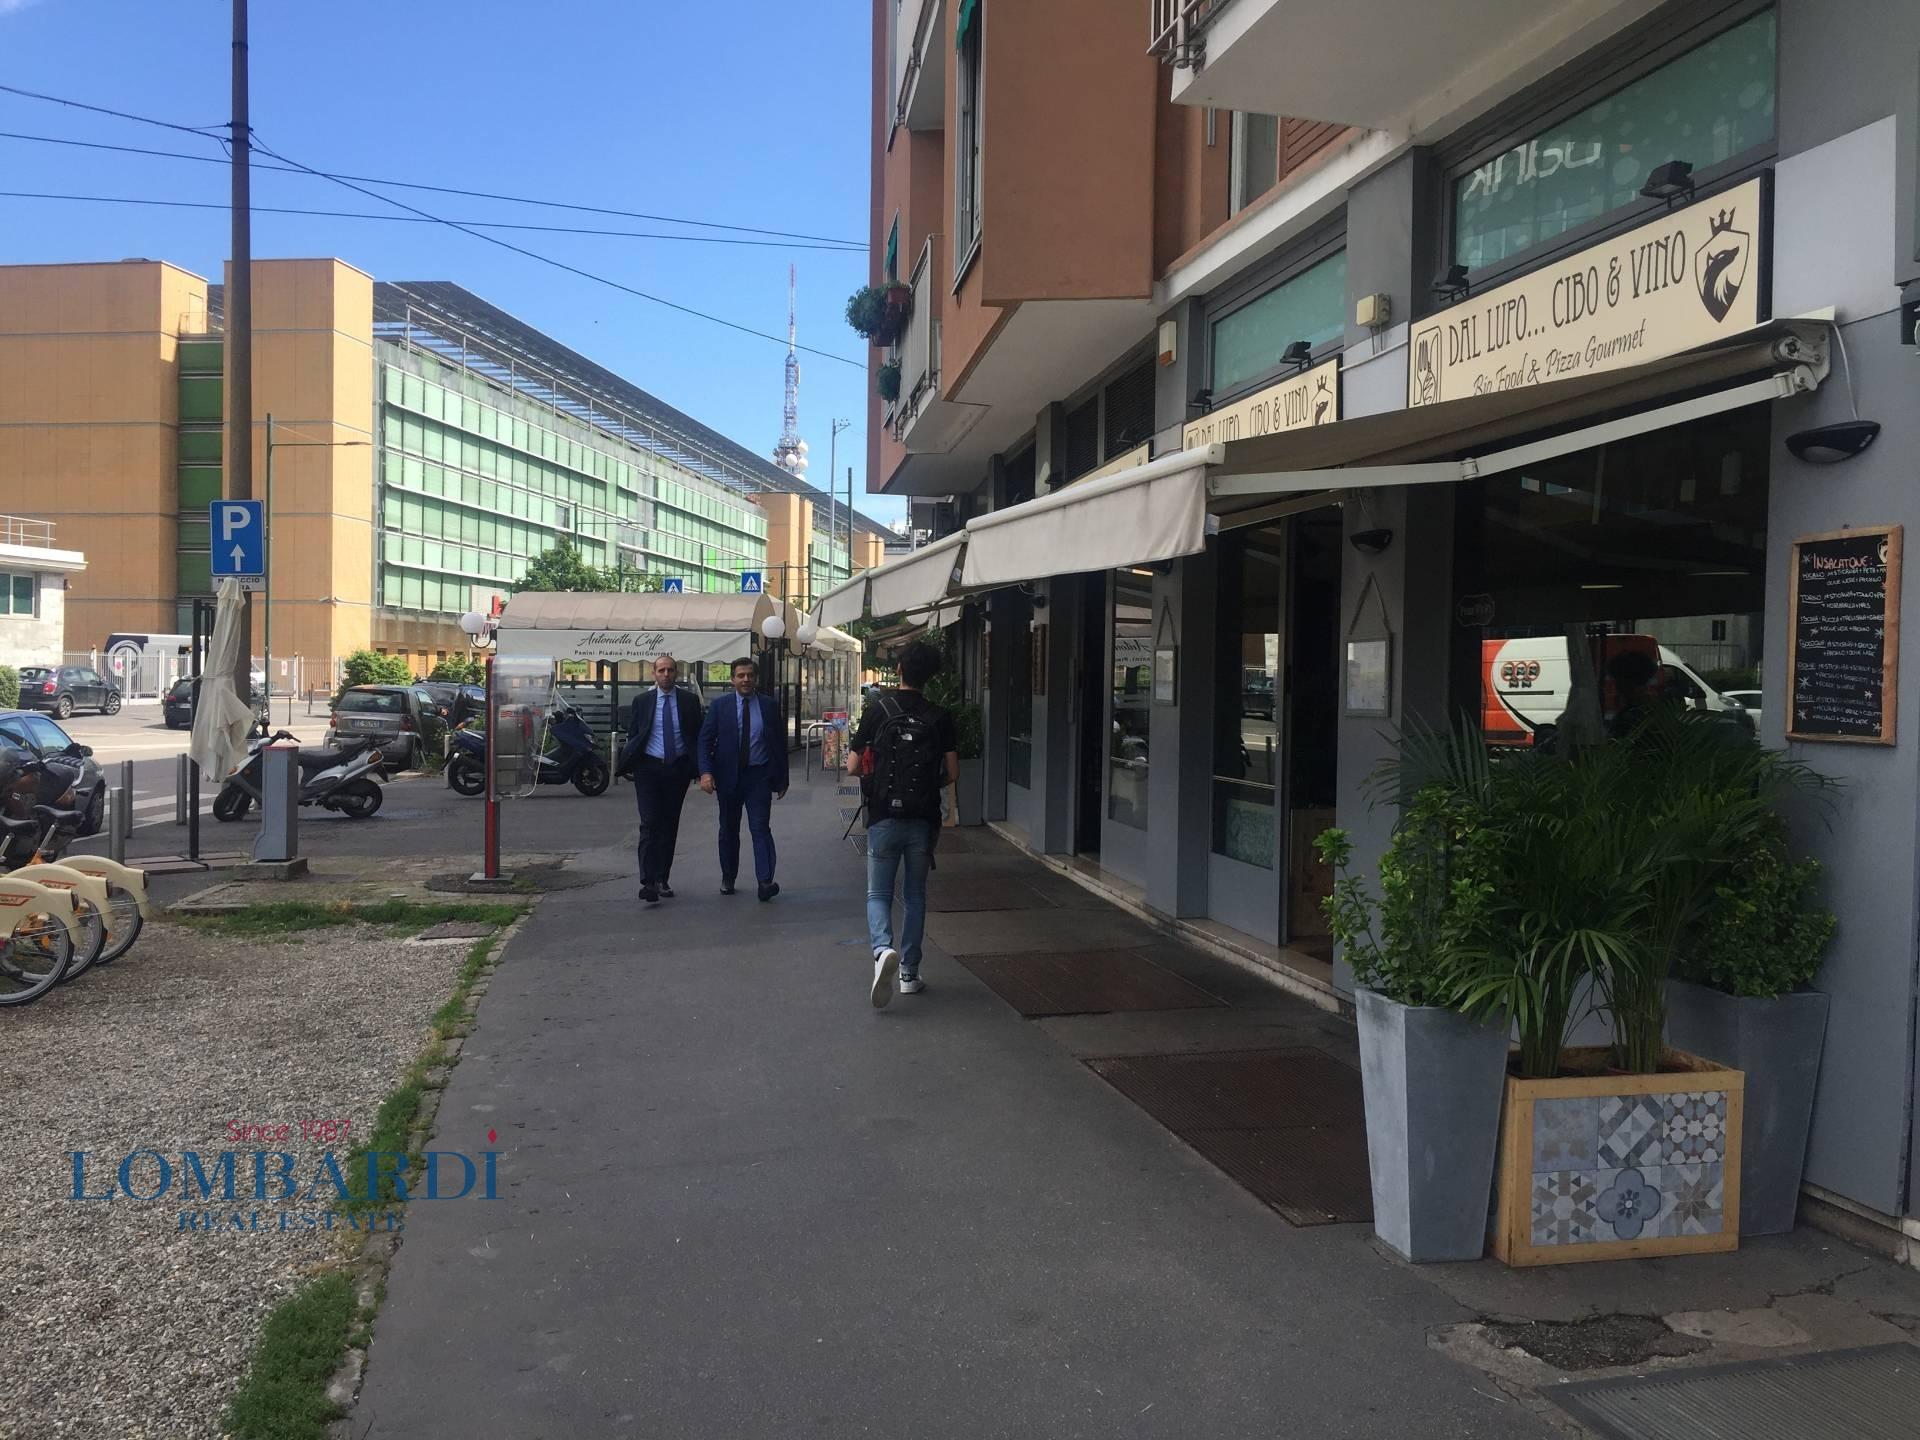 Negozio in vendita a Milano in Piazzale Fratelli Zavattari